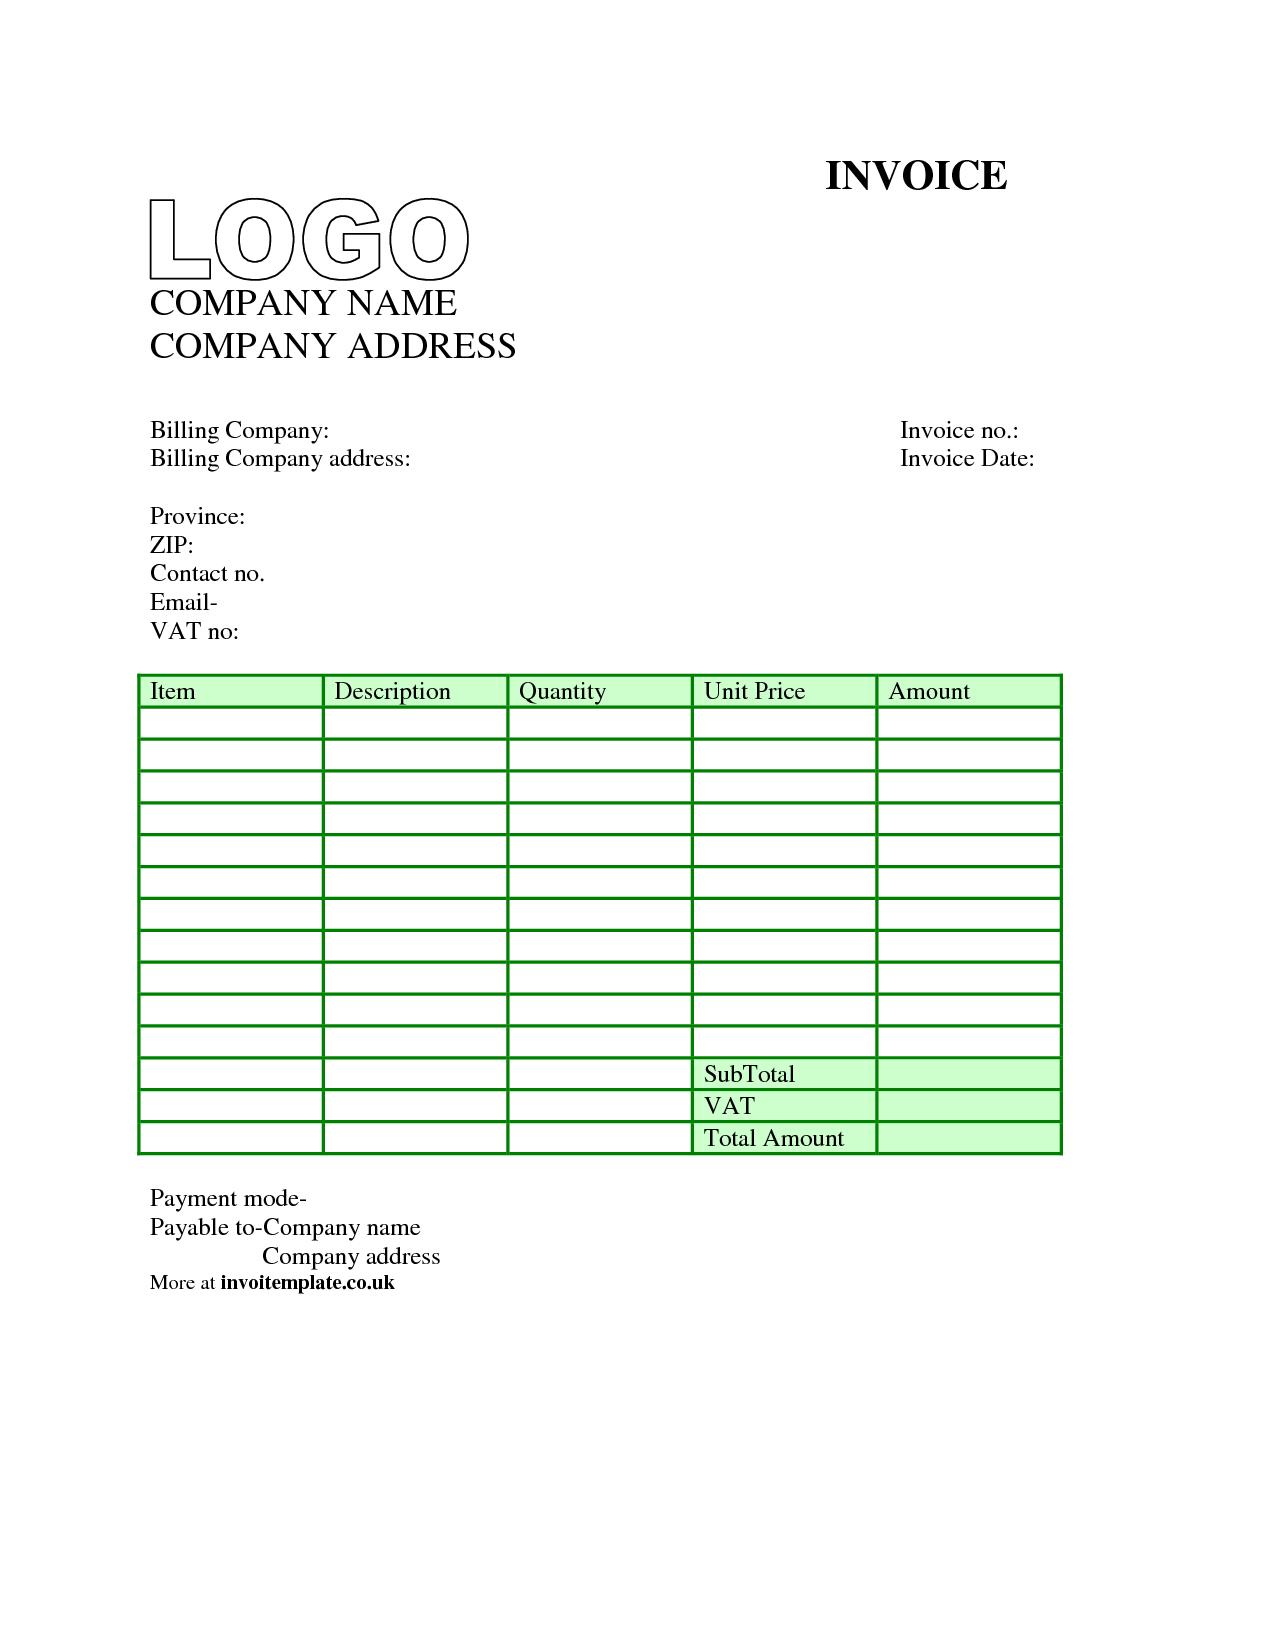 QuickBooks Invoice